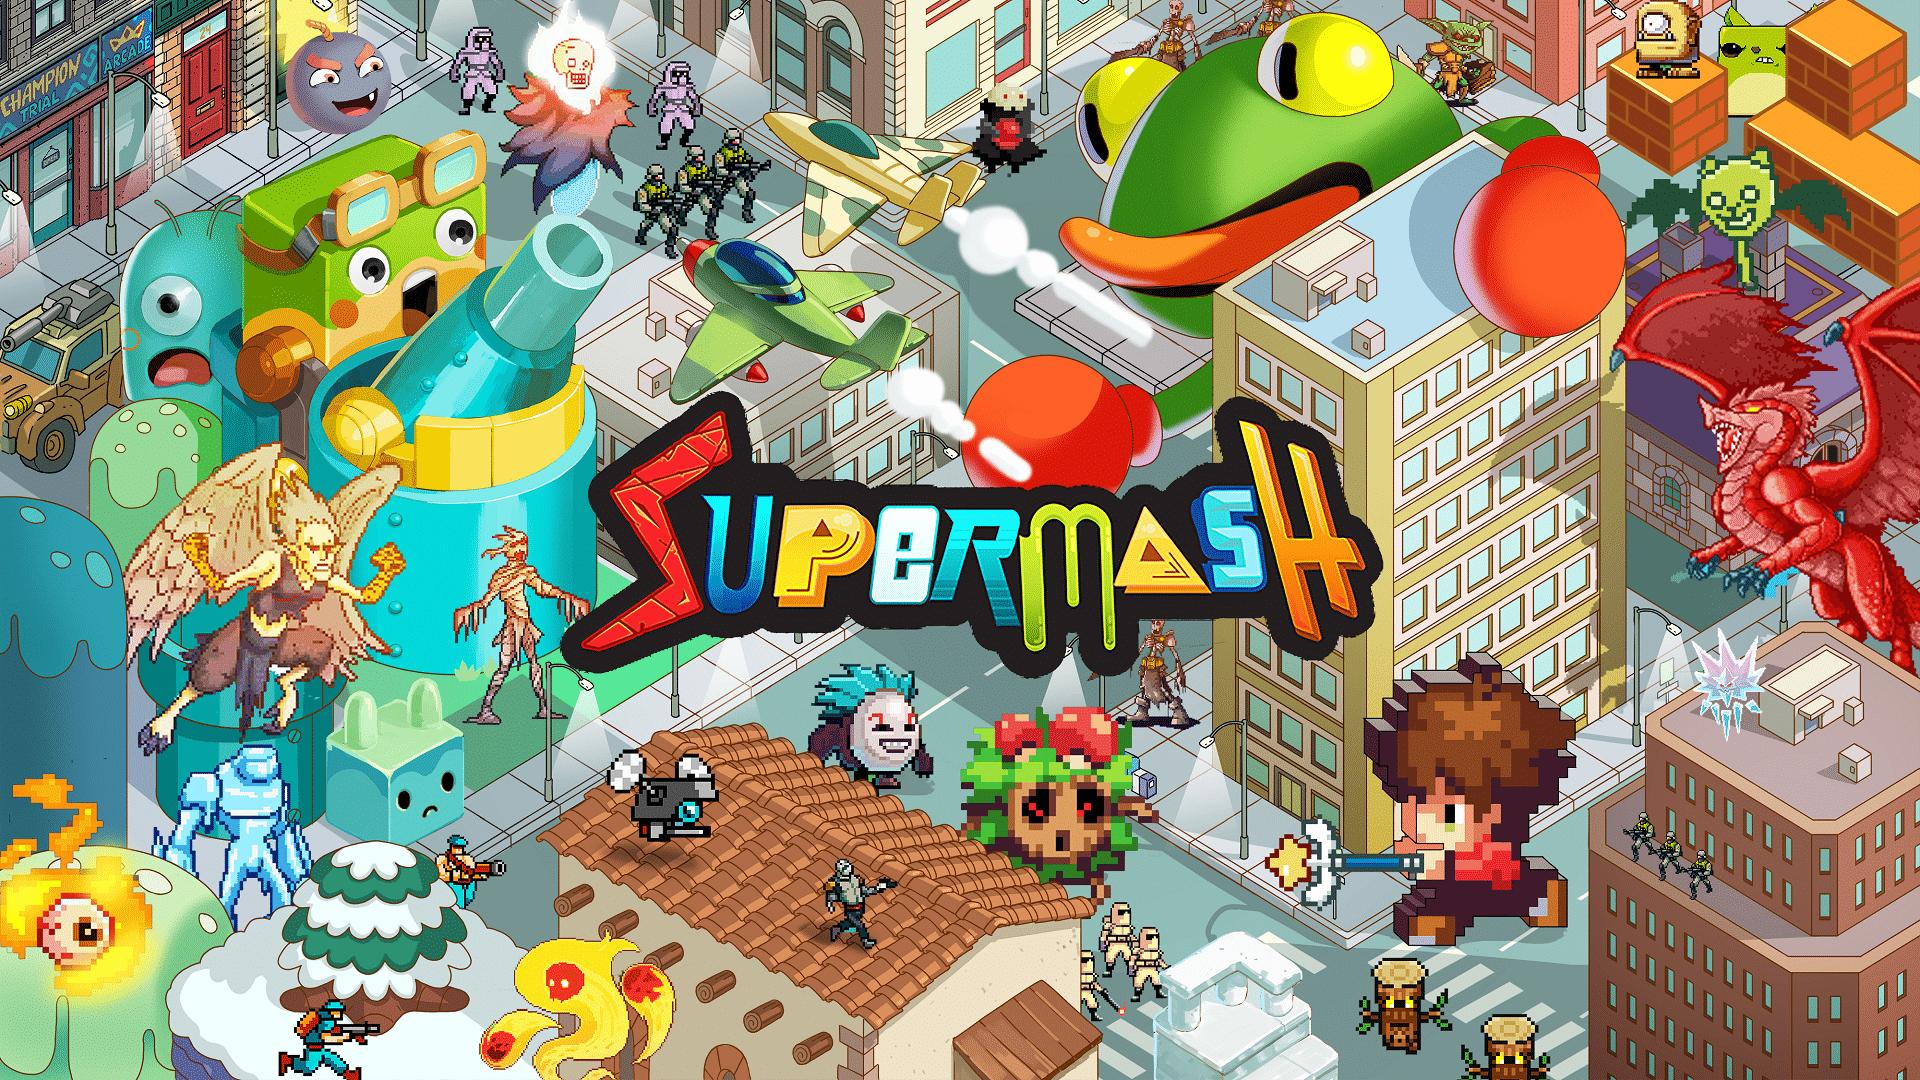 SuperMash - Mélange de genre